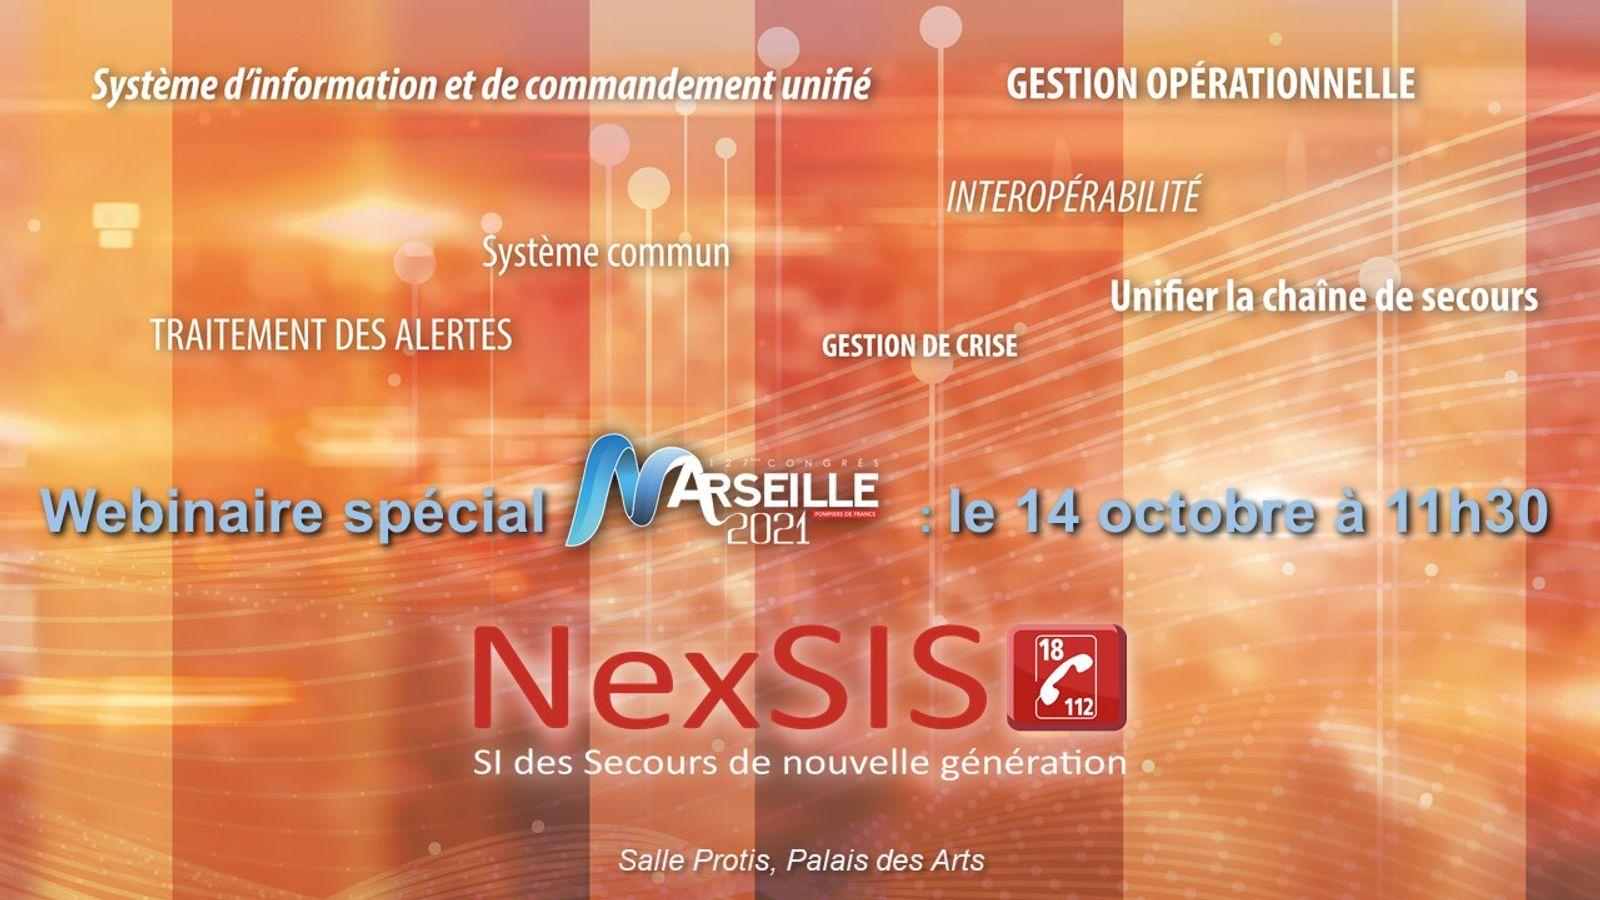 NexSIS 18-112, de la genèse du projet aux premiers déploiements : le débat pour tout comprendre.